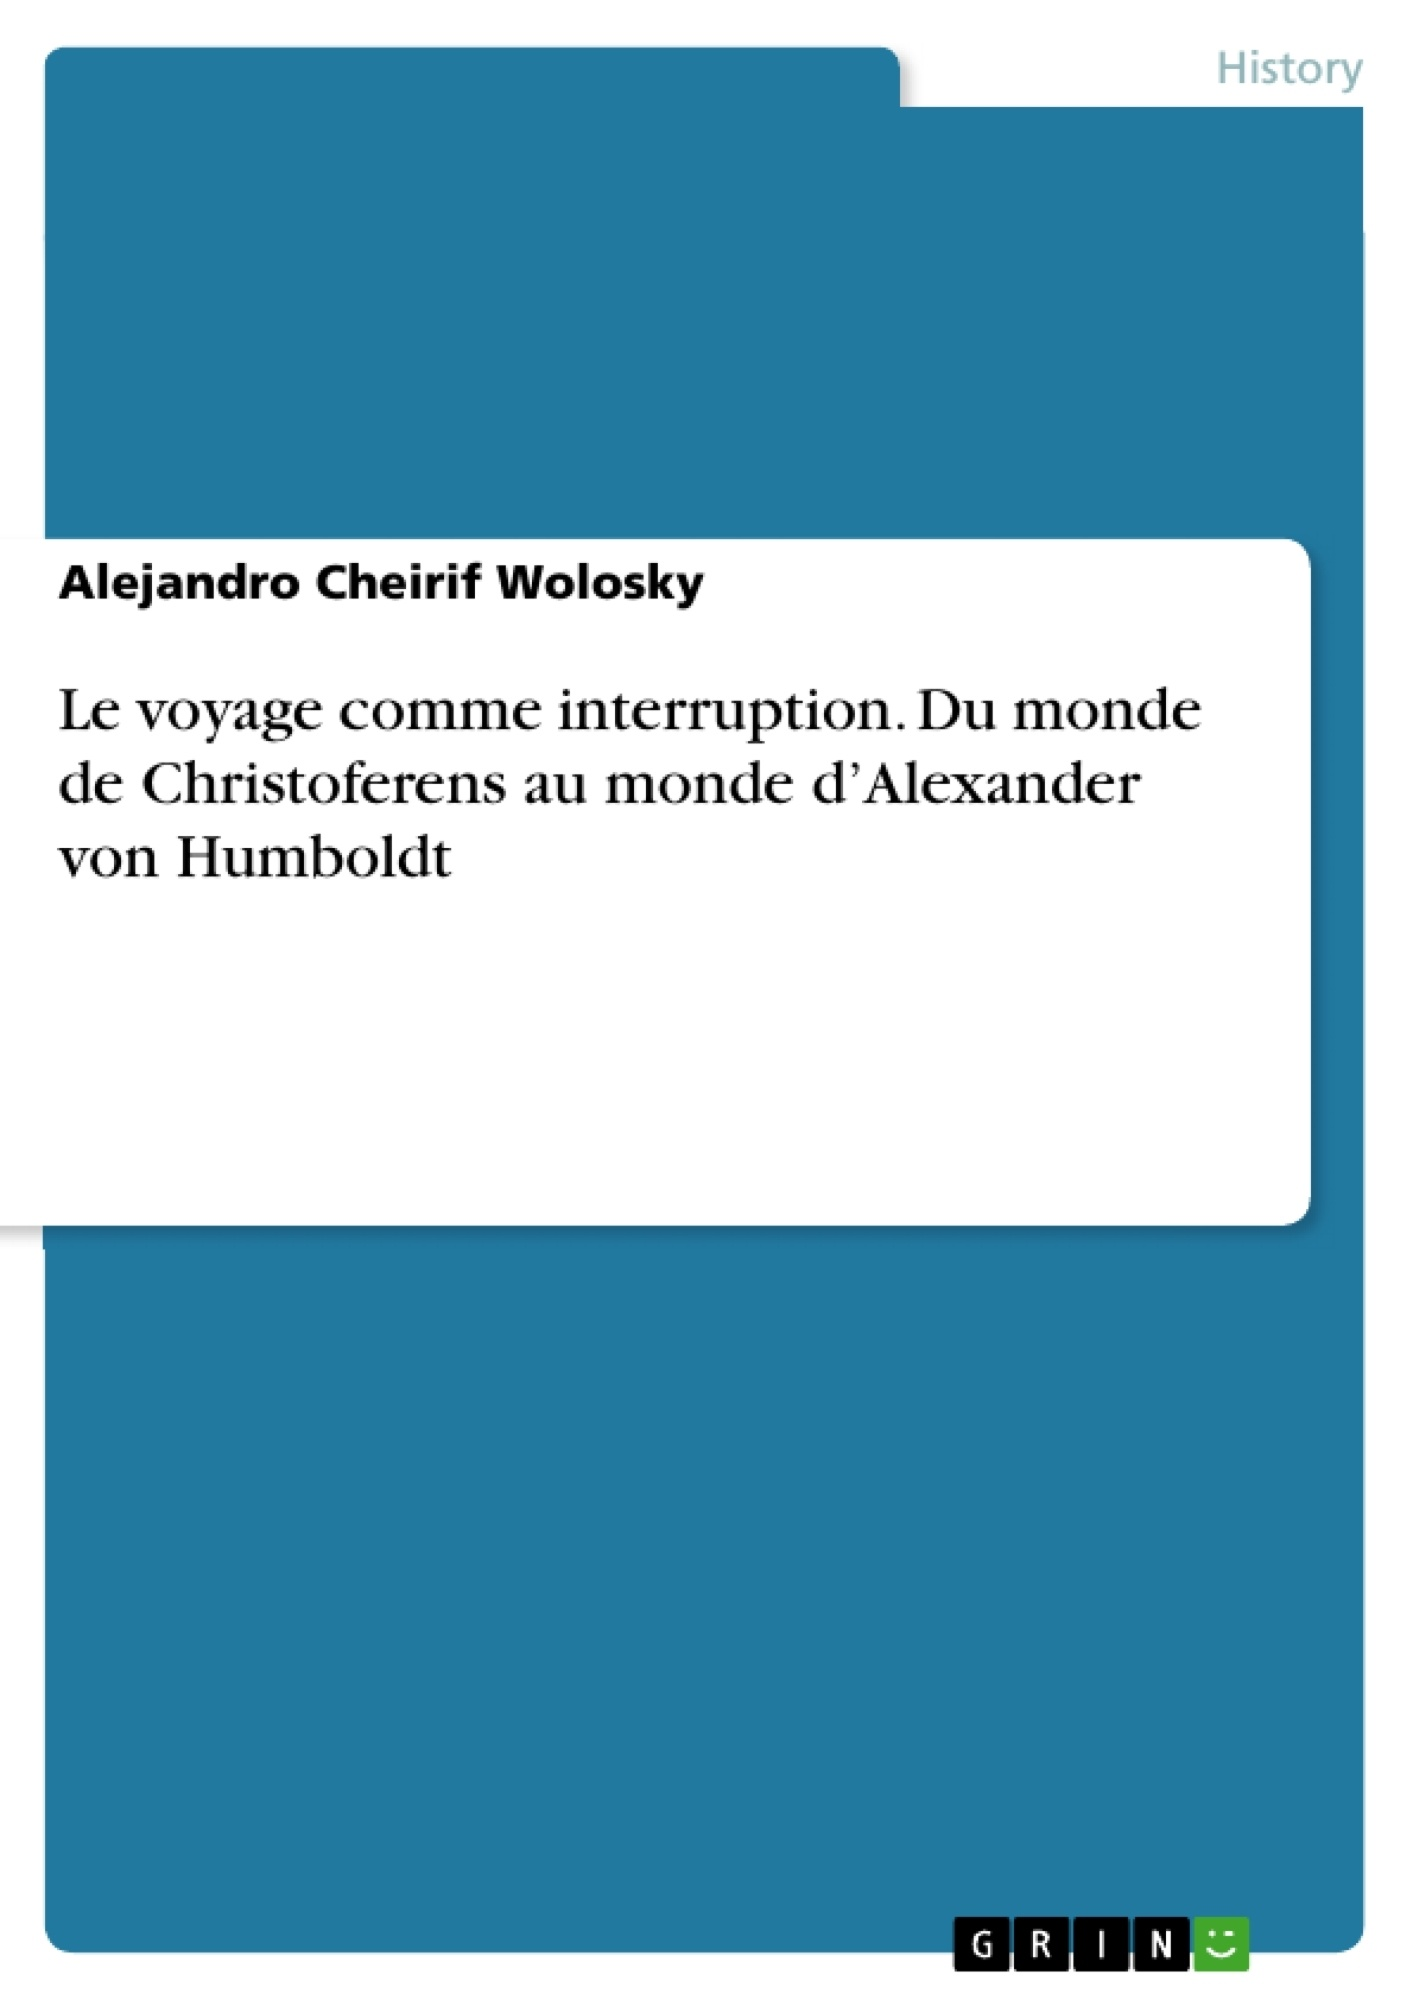 Titre: Le voyage comme interruption. Du monde de Christoferens au monde d'Alexander von Humboldt